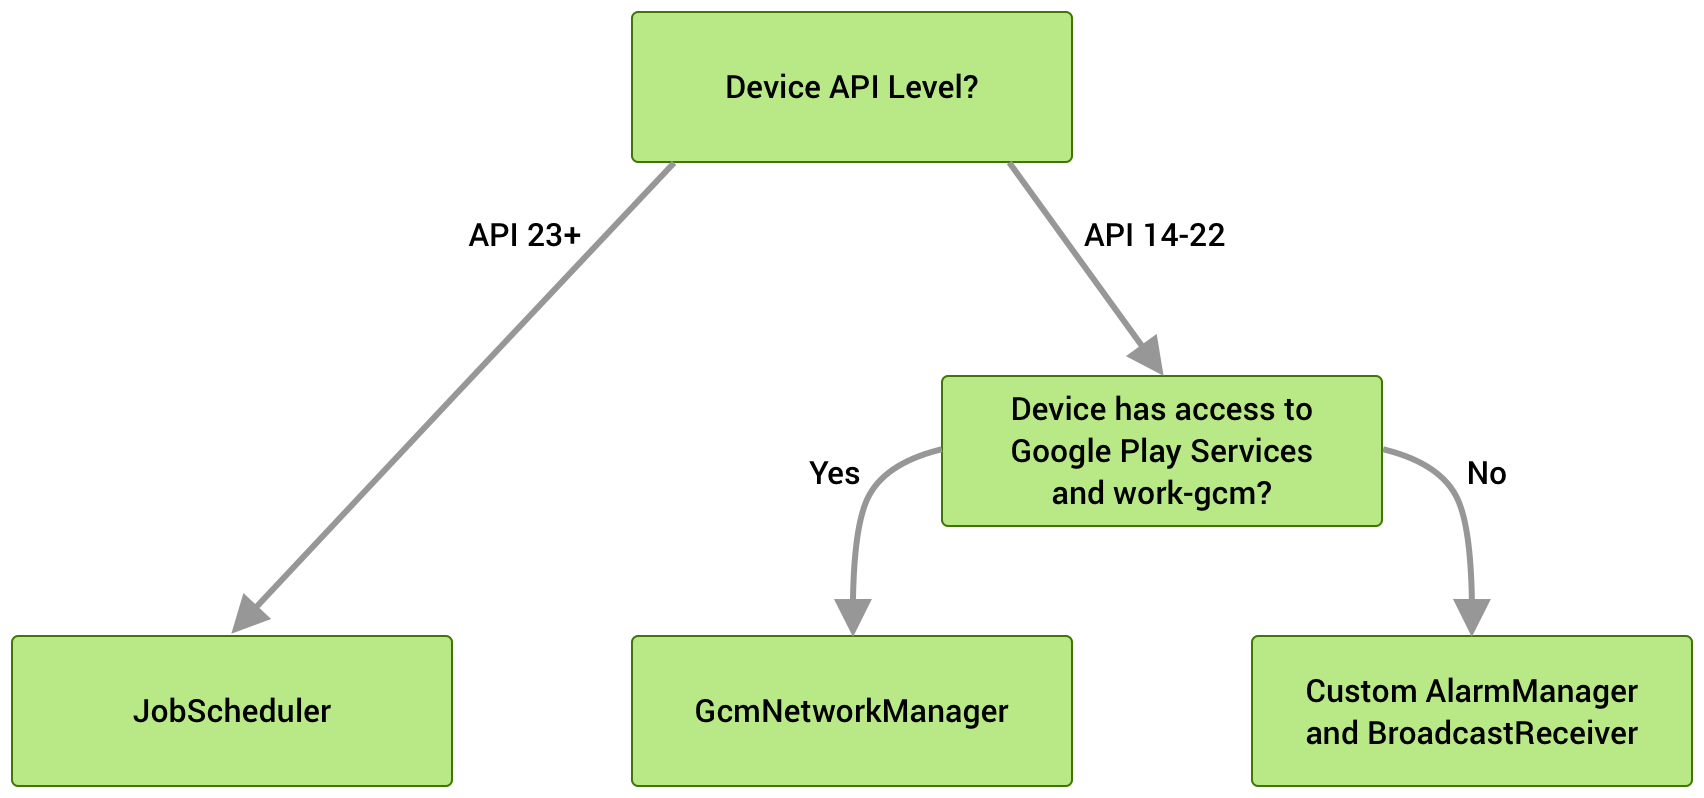 如果设备在 API 级别 23 或更高级别上运行,系统会使用 JobScheduler。在 API 级别 14-22 上,系统会使用 GcmNetworkManager(如果可用),否则会使用自定义 AlarmManager 和 BroadcastReciever 实现作为备用。